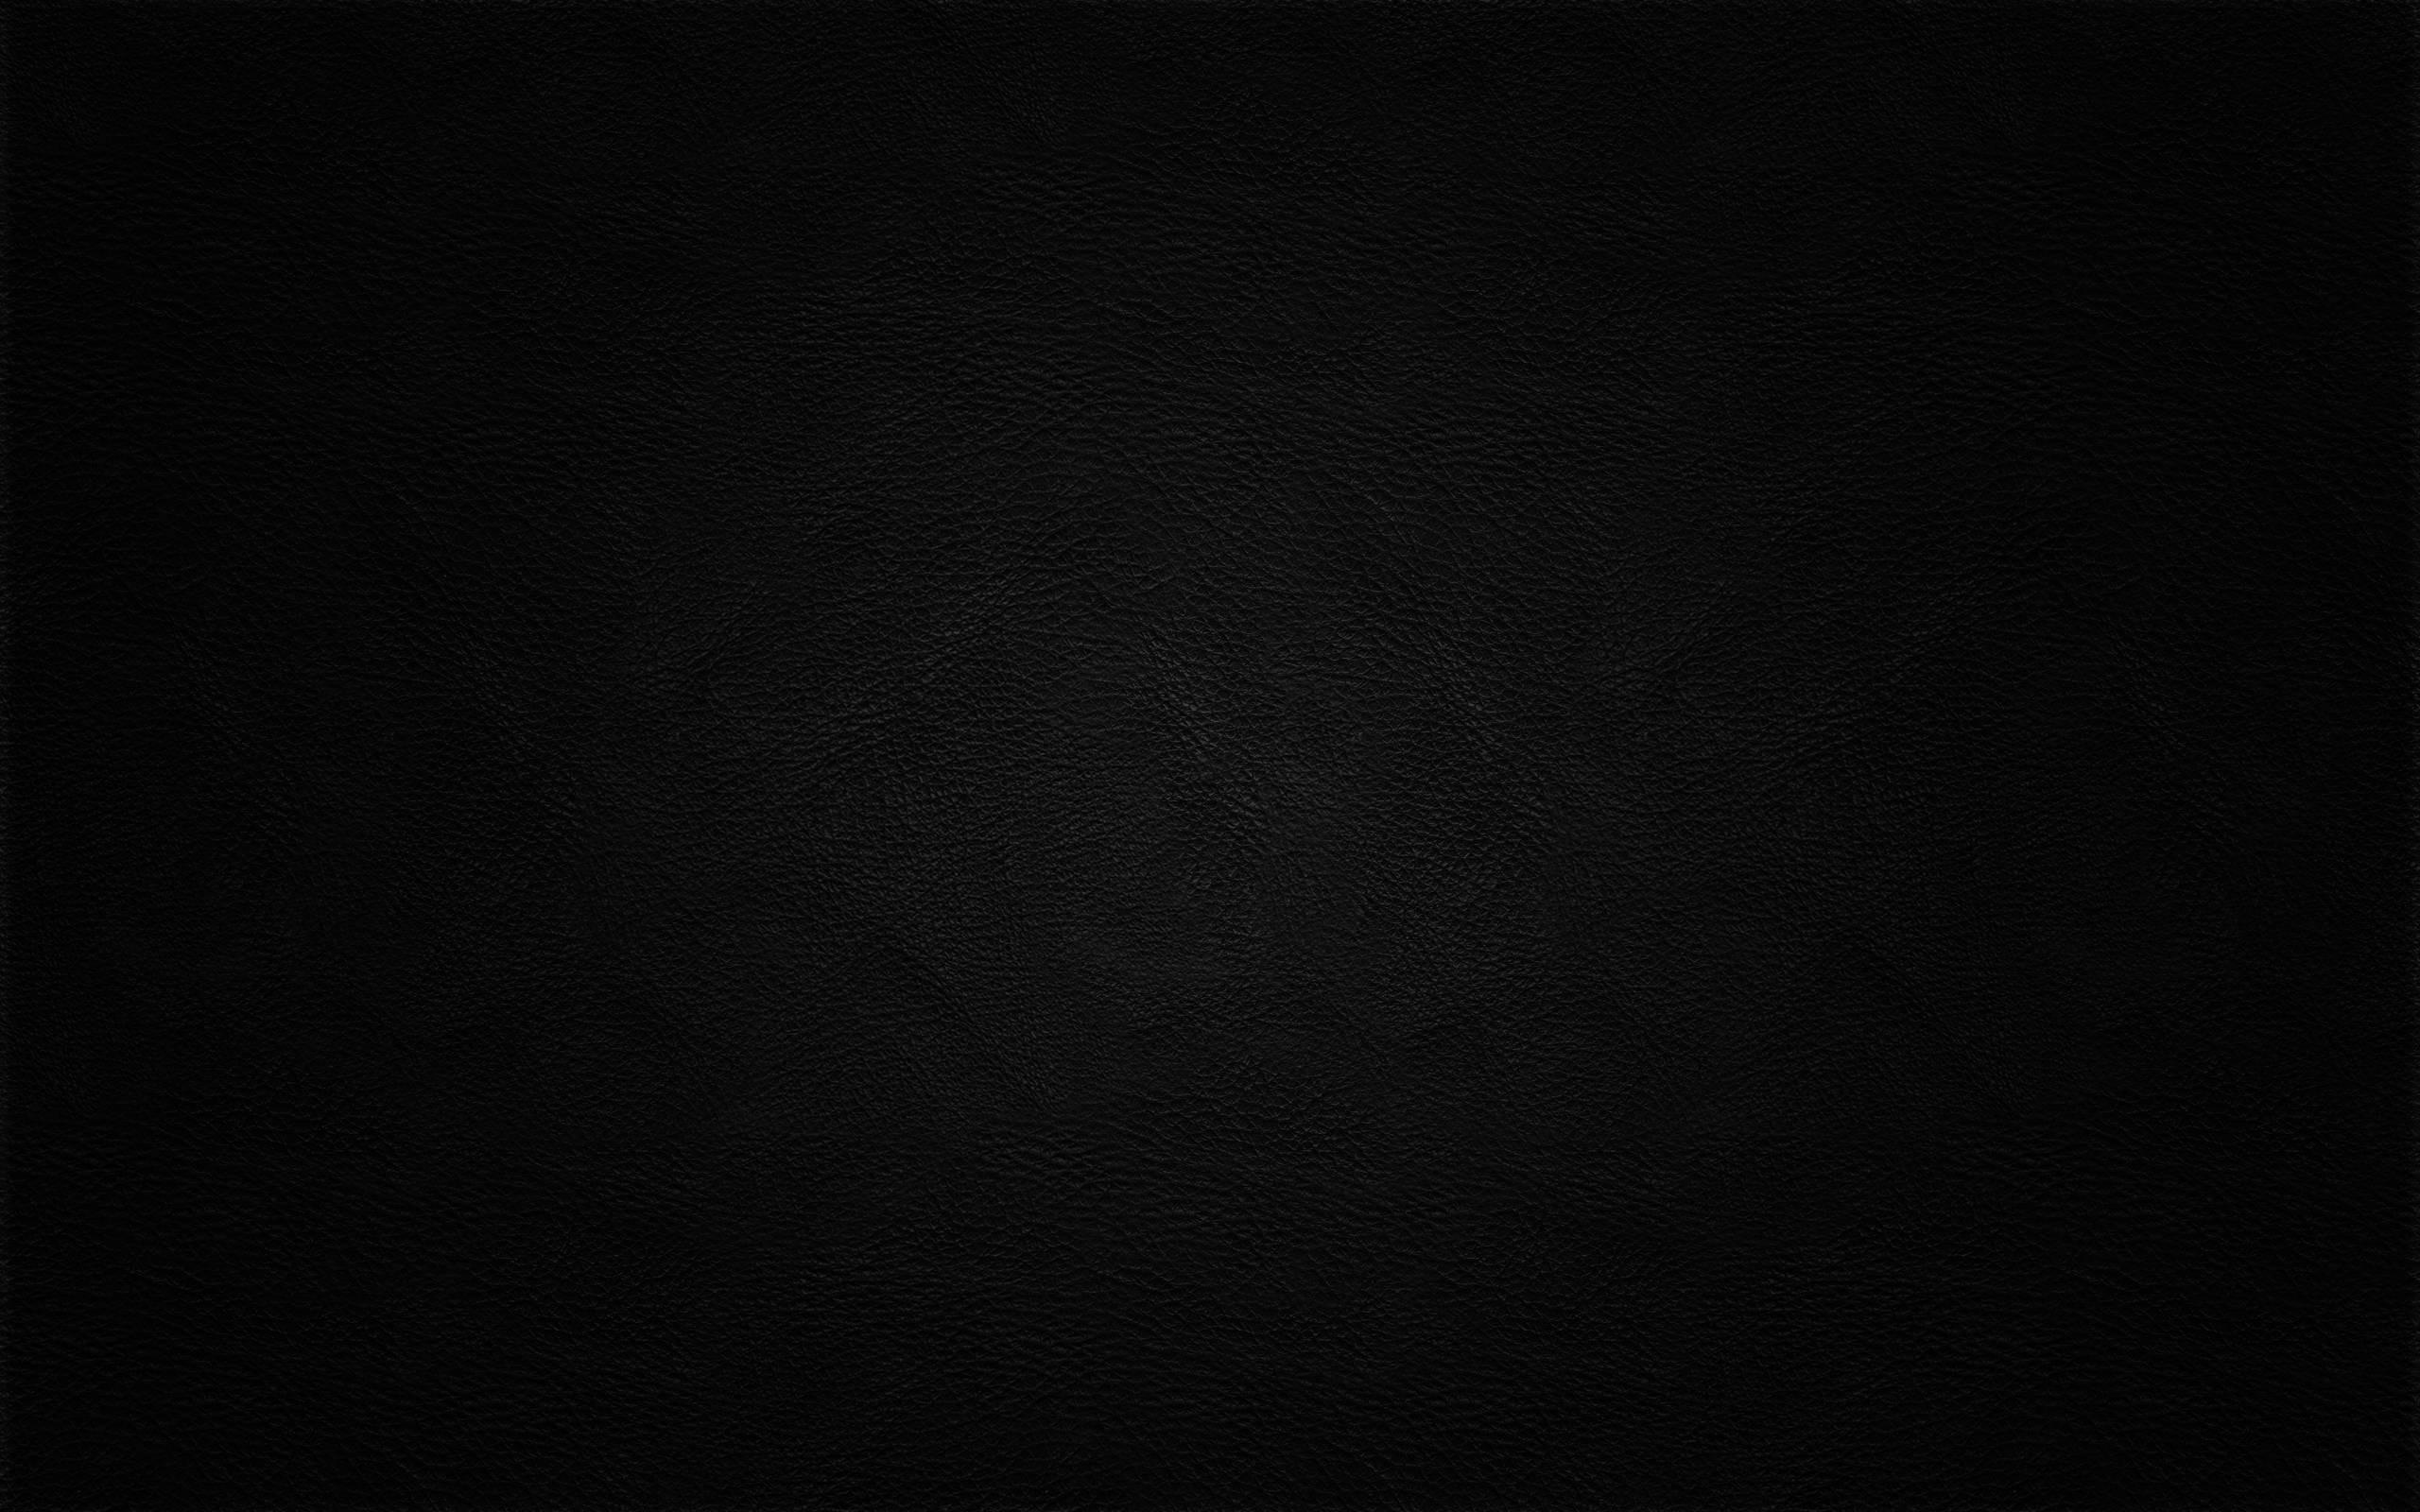 full black wallpaper (64+ images)